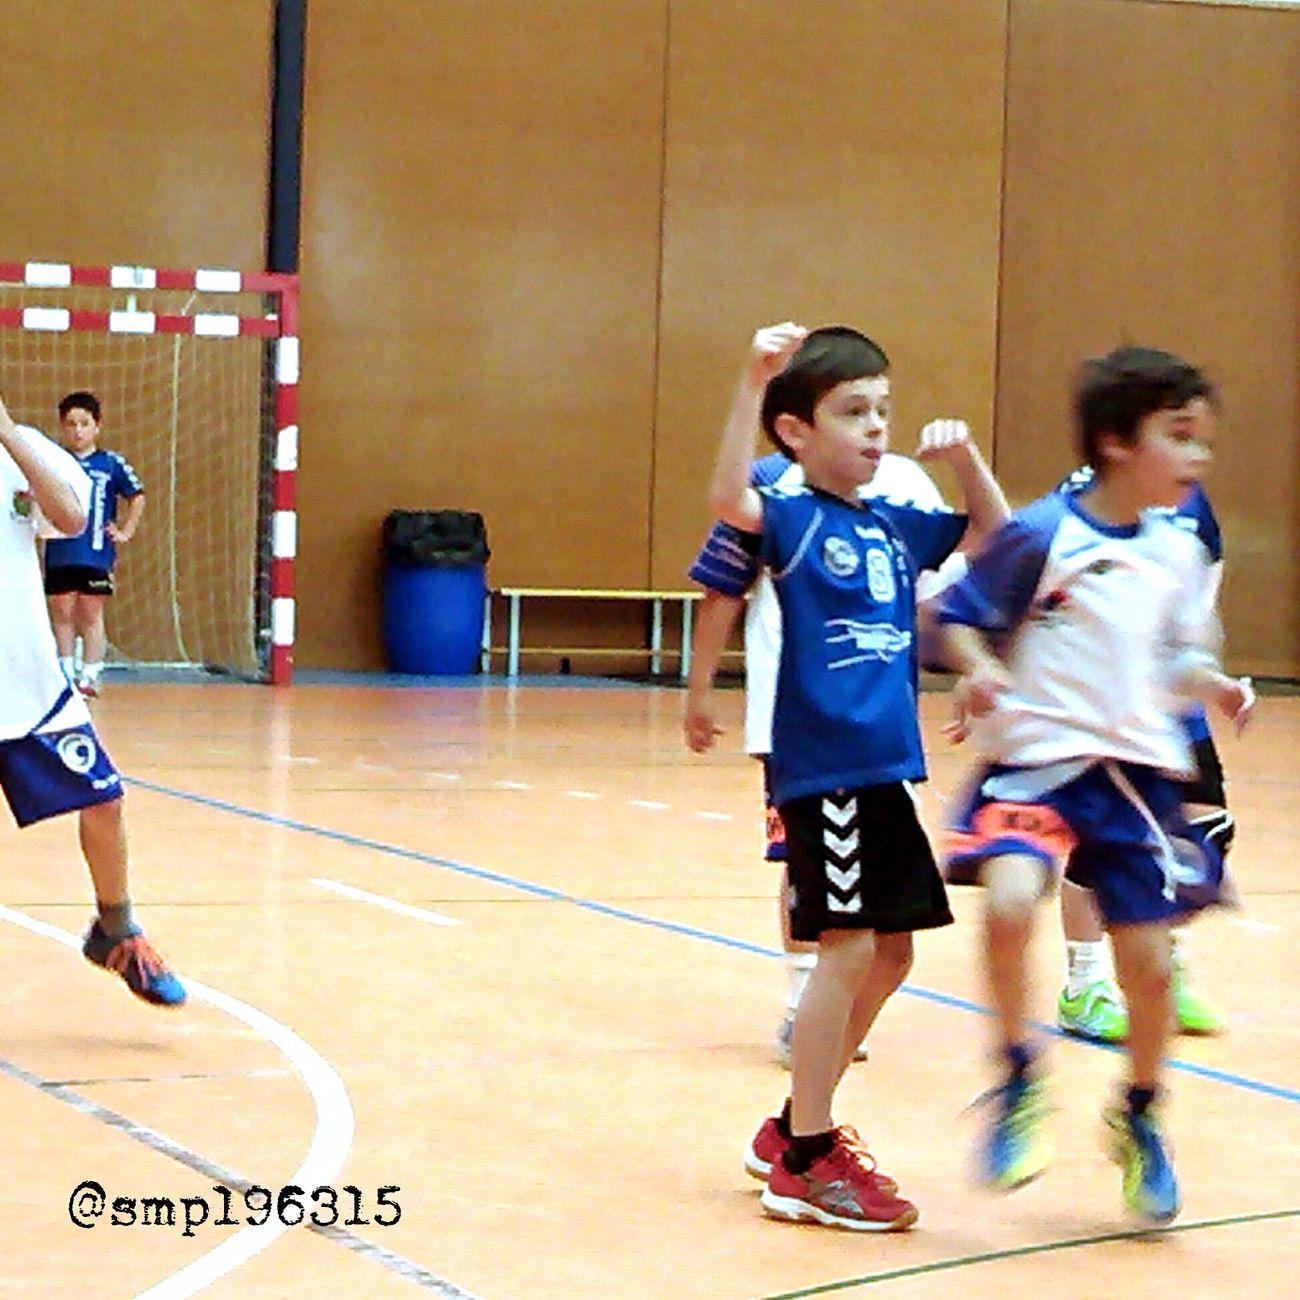 Handball Santantonidevilamajor vs Granollers prebenjamín 7/15. Igersvoriental